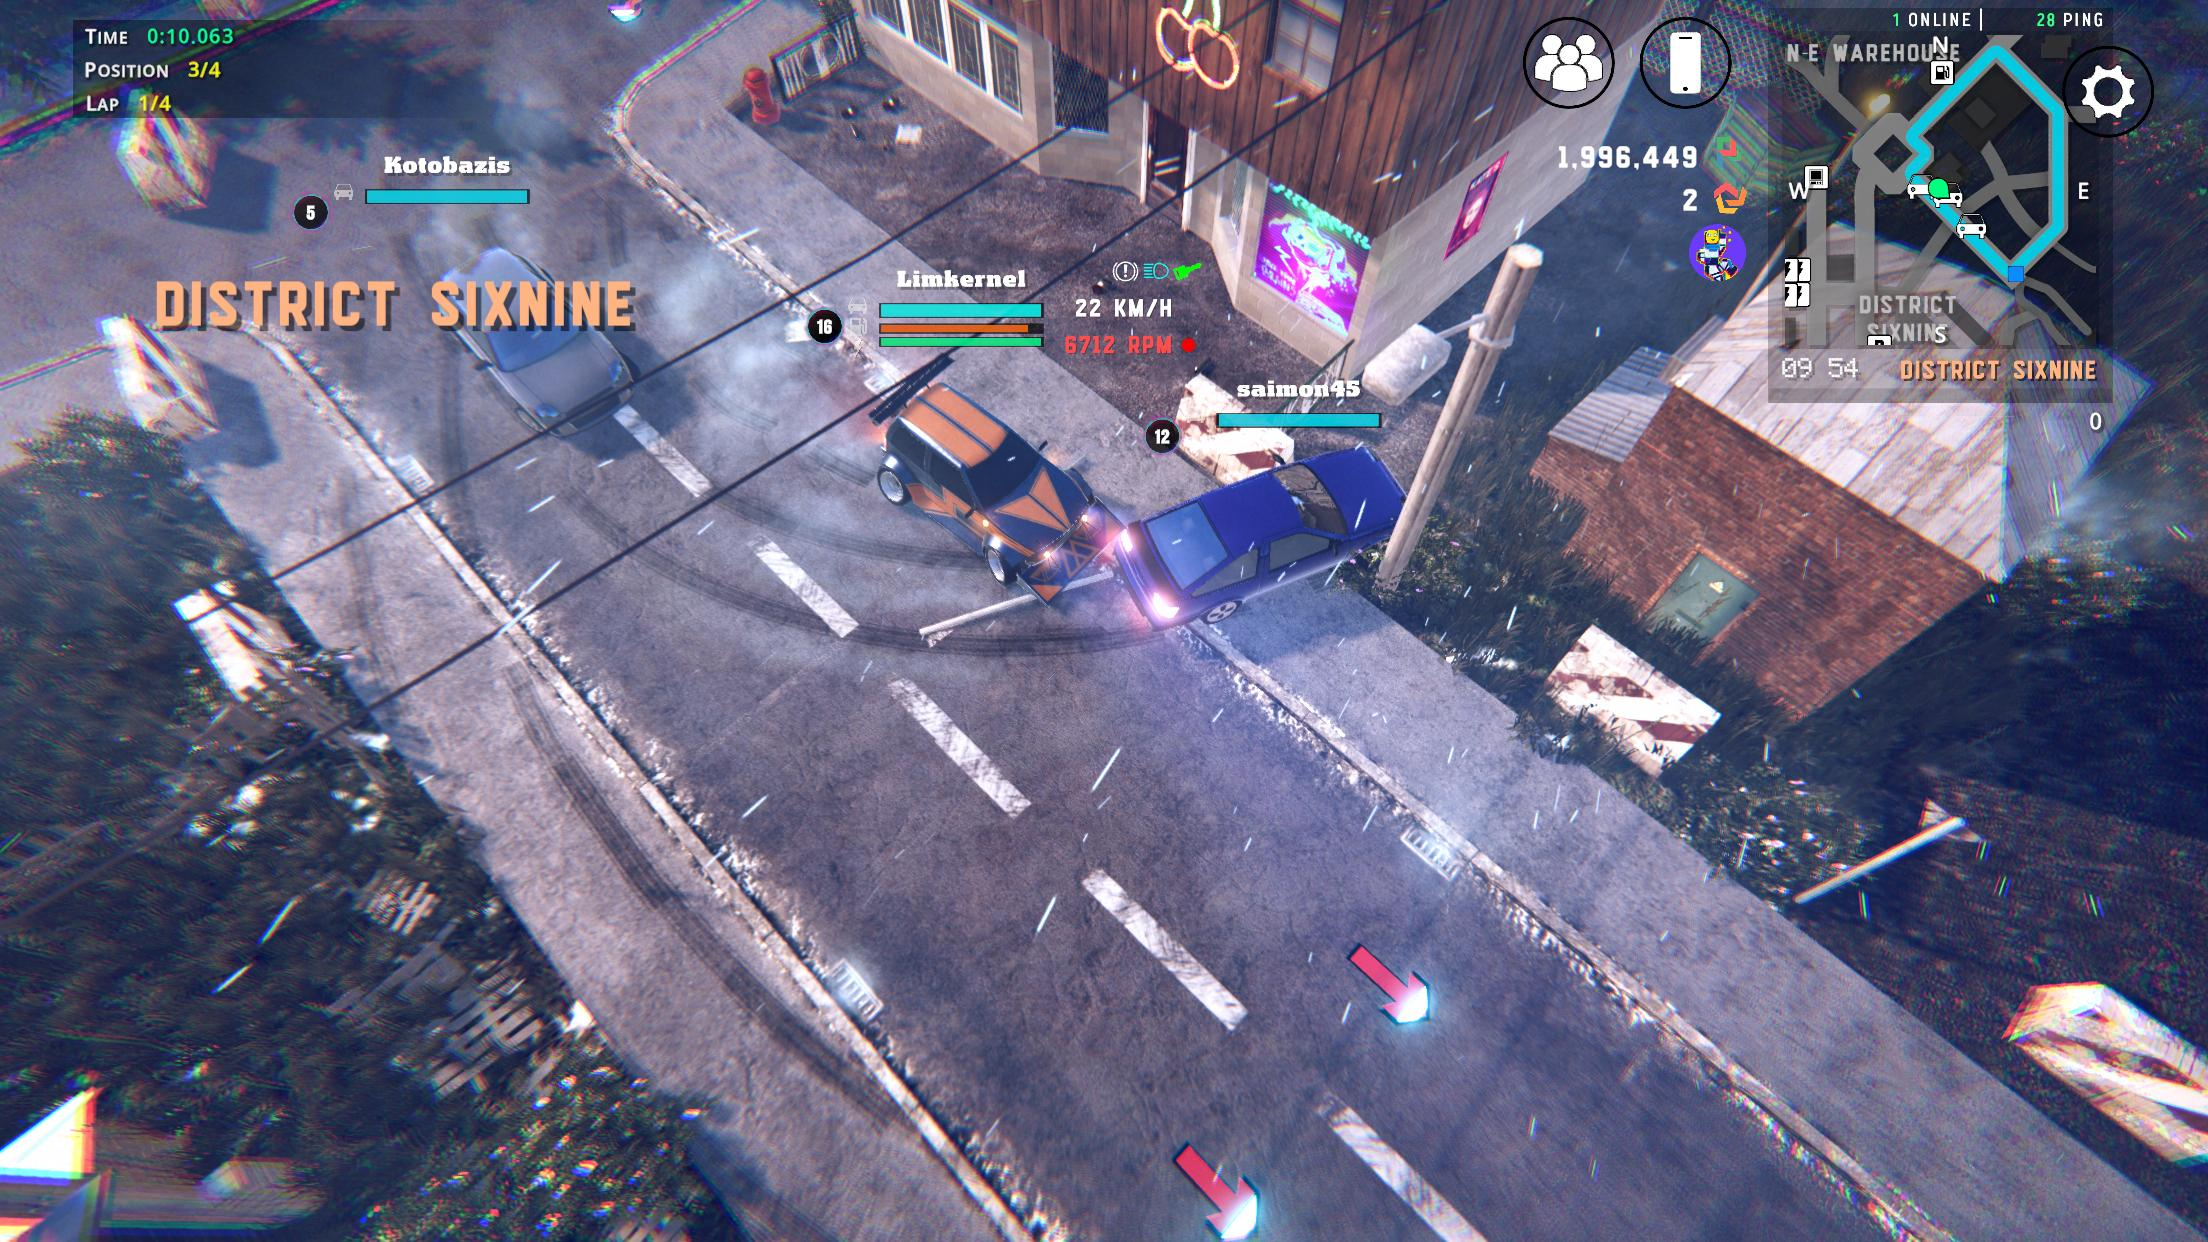 Genshin Impact và những tựa game cùng thể loại thế giới mở đang làm bùng nổ làng game mobile thế giới (P.1) - Ảnh 4.